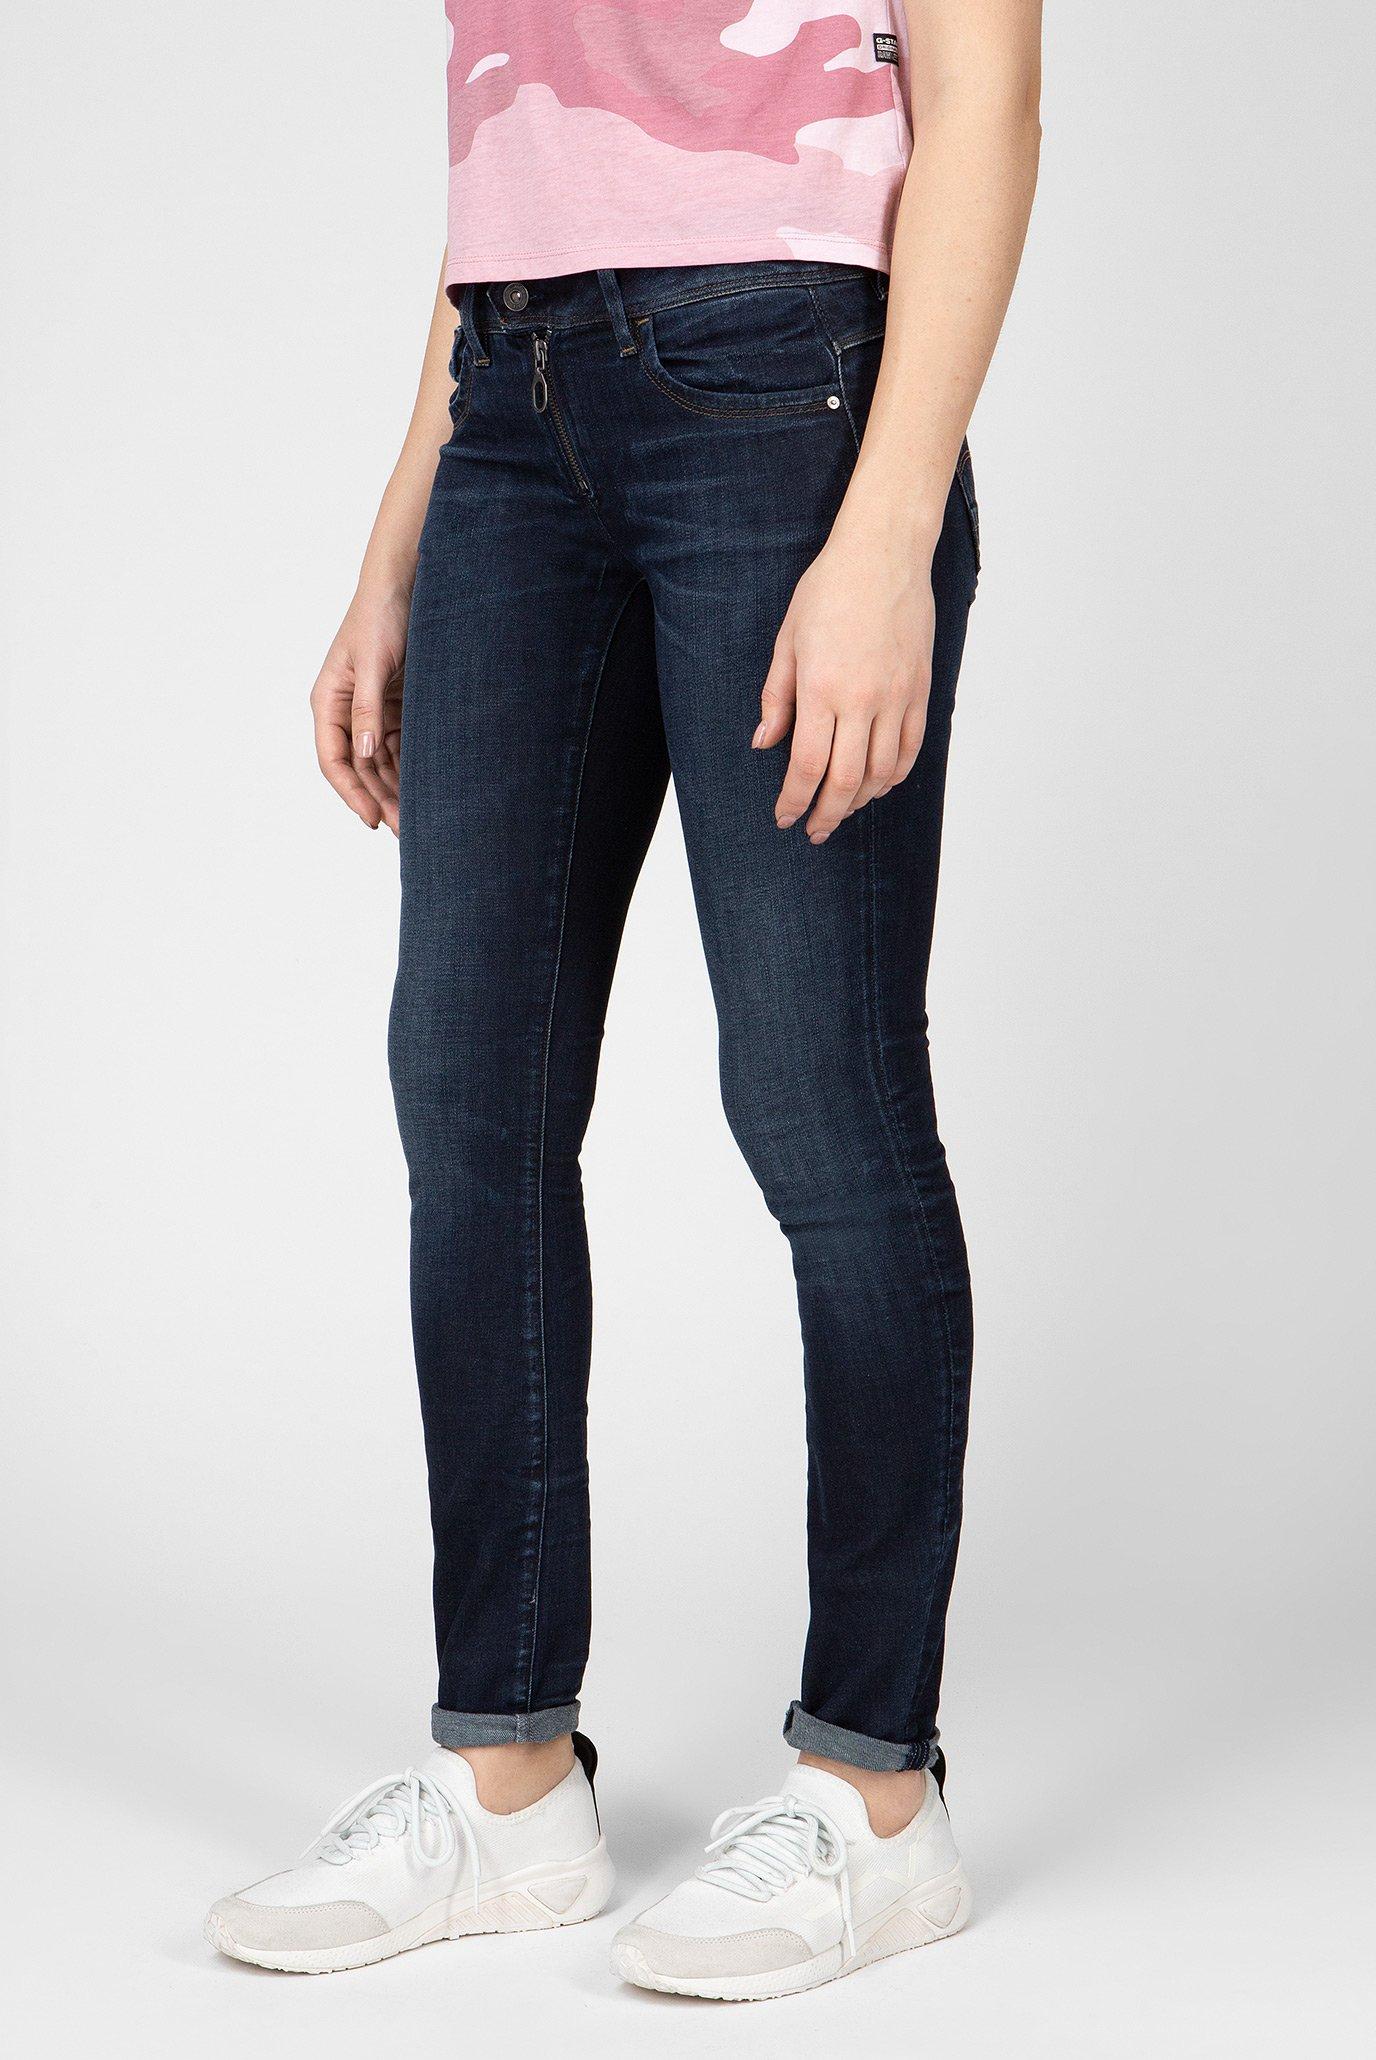 Купить Женские темно-синие джинсы LYNN Zip G-Star RAW G-Star RAW D12372,8968 – Киев, Украина. Цены в интернет магазине MD Fashion